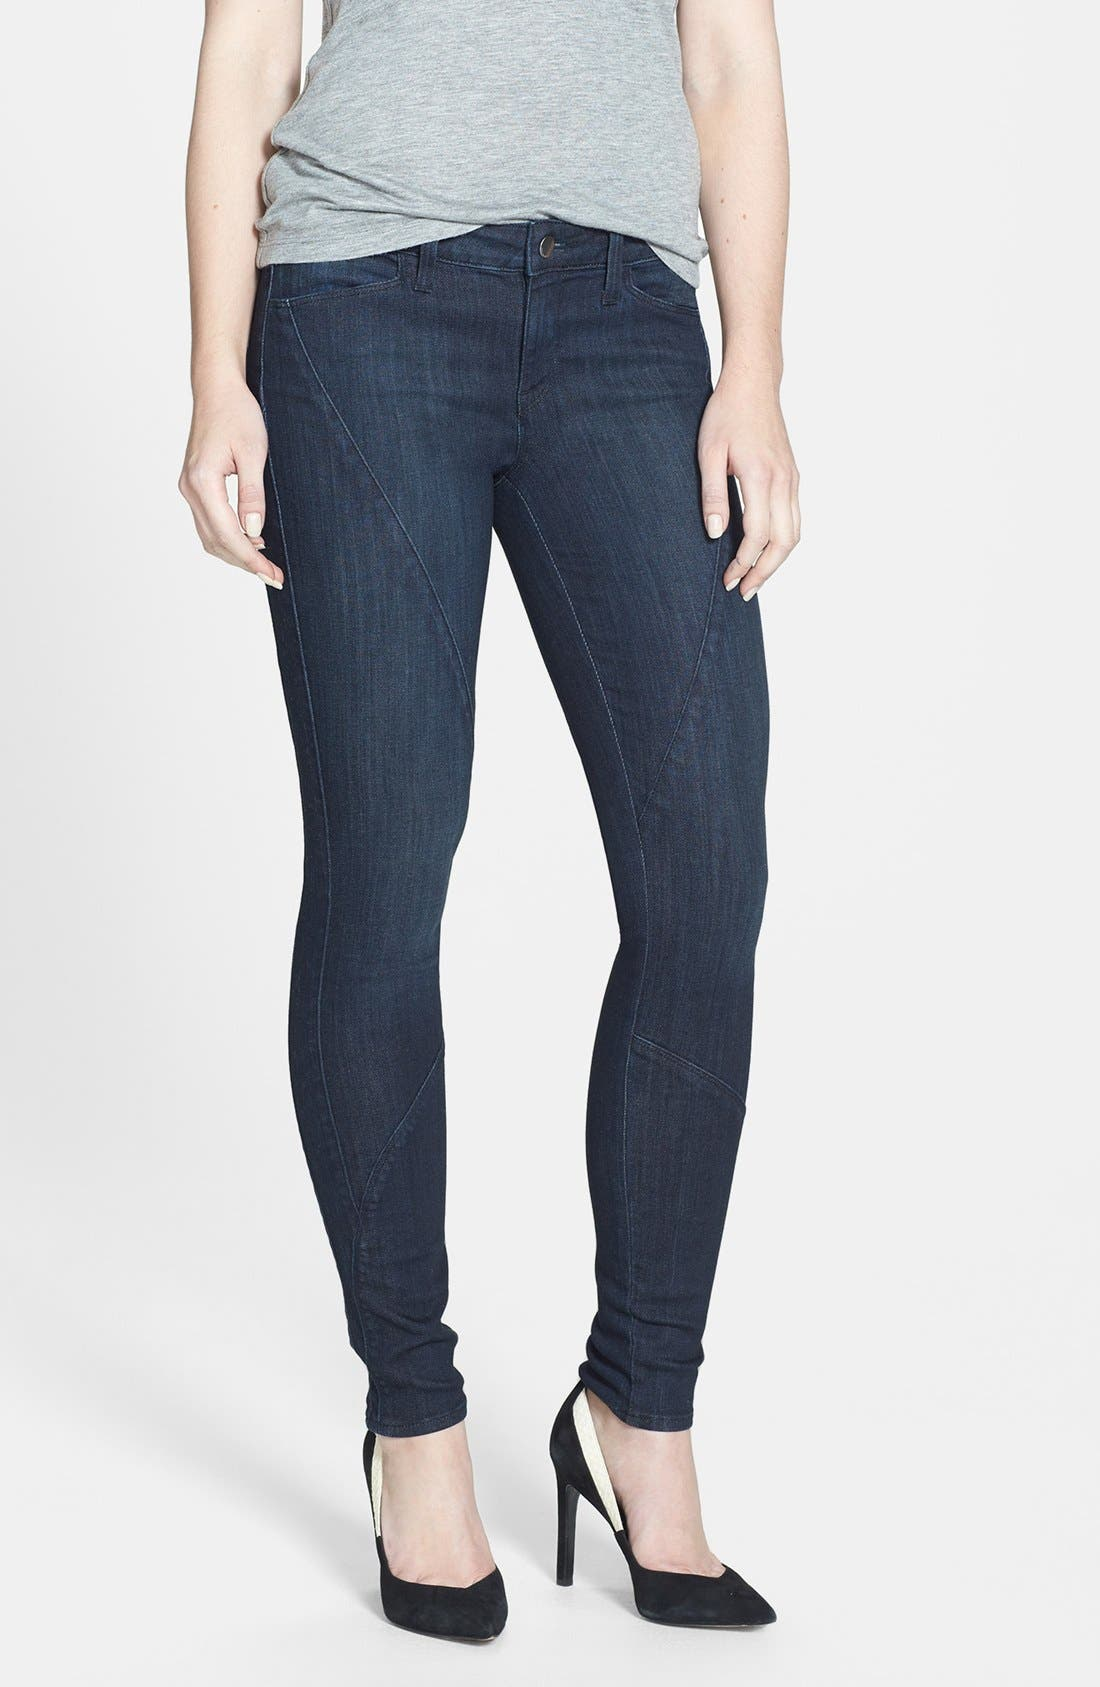 Alternate Image 1 Selected - Genetic 'Semira' Seamed Cigarette Skinny Jeans (Impulse)